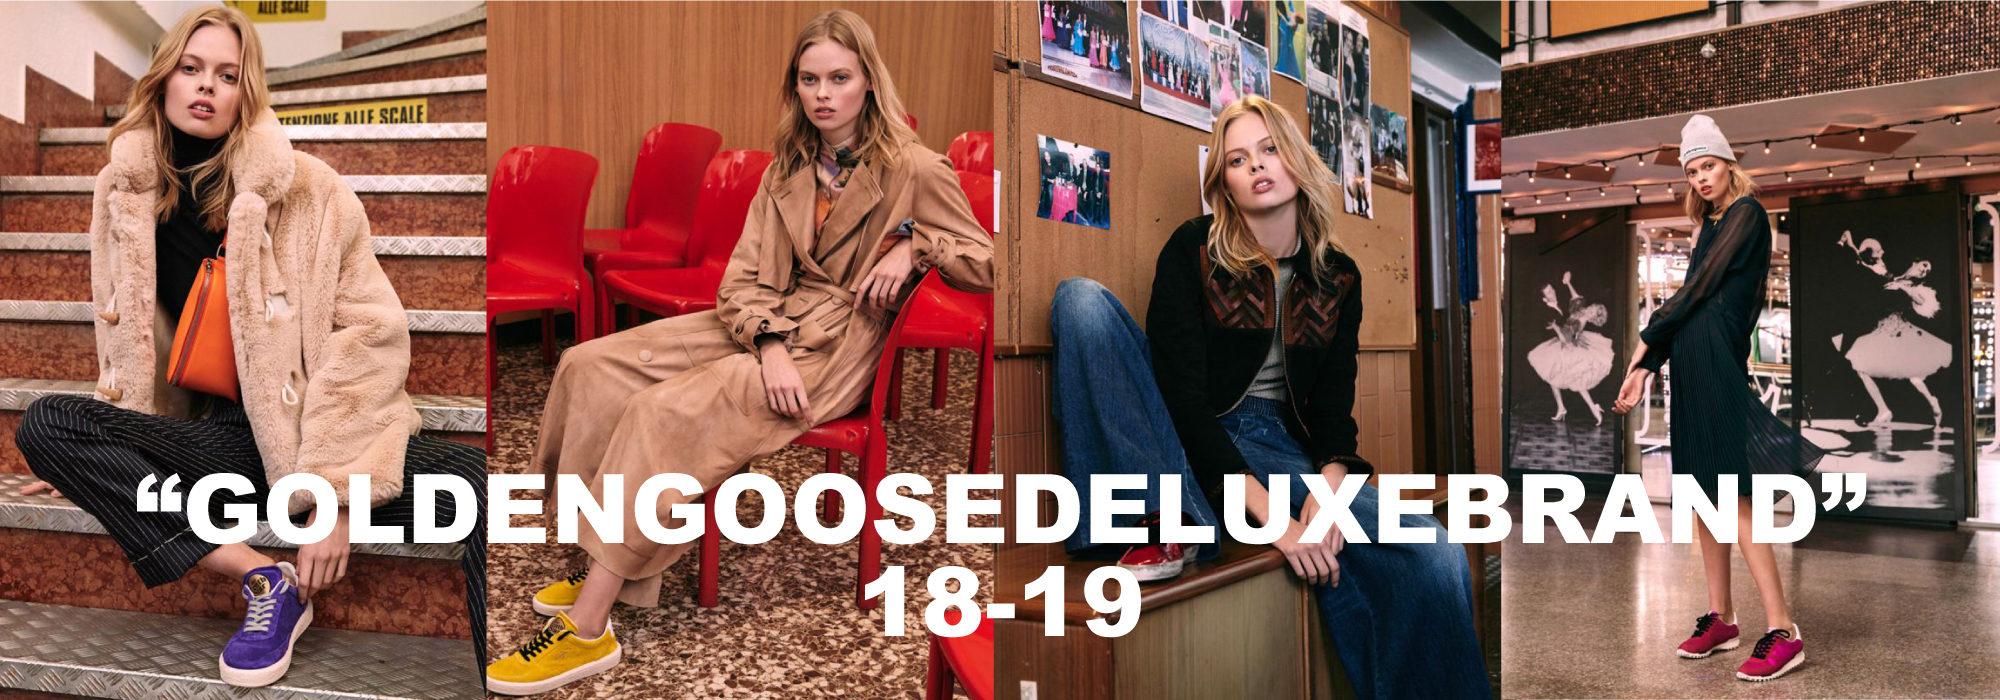 GOLDEN GOOSE DELUXE BRAND/ゴールデン グース デラックス ブランド